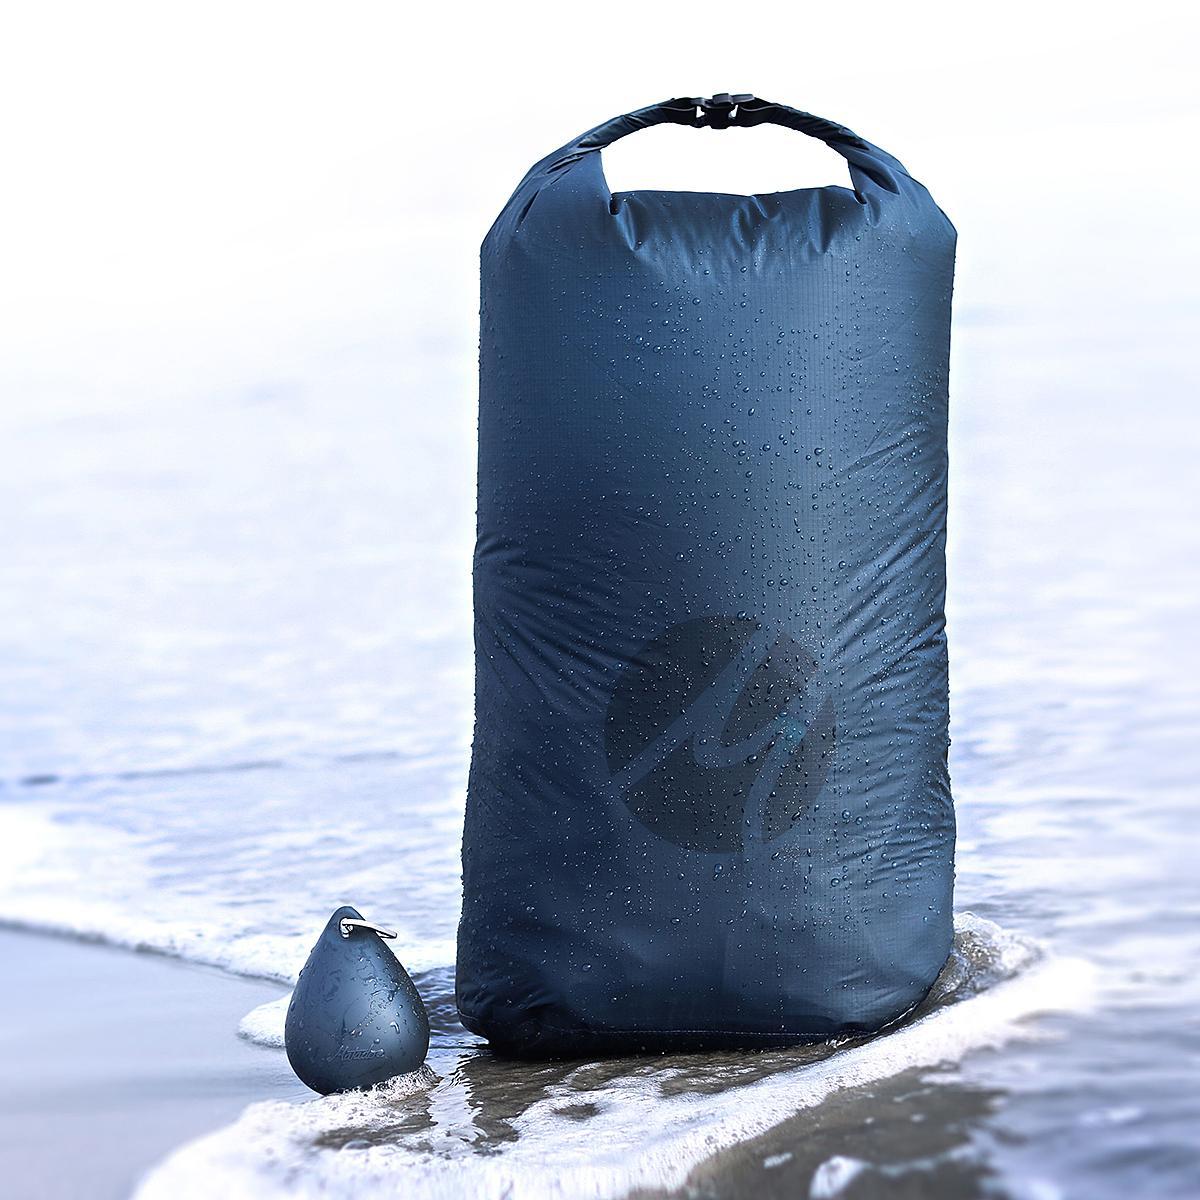 Matador Droplet XL Dry Bag - 20L